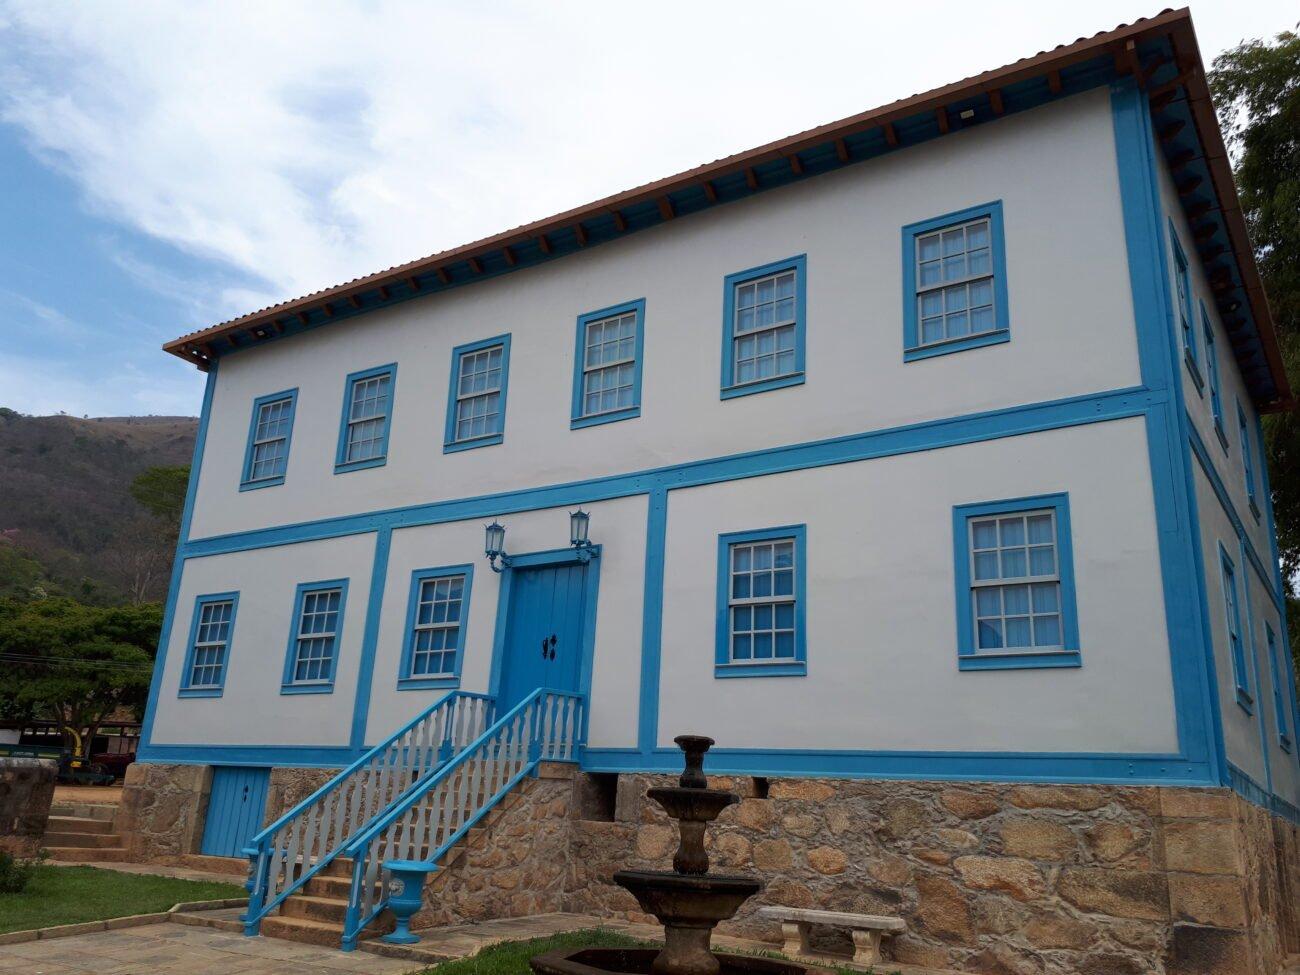 Fazenda Santa Cruz na freguesia do Paquequer. Acervo pessoal